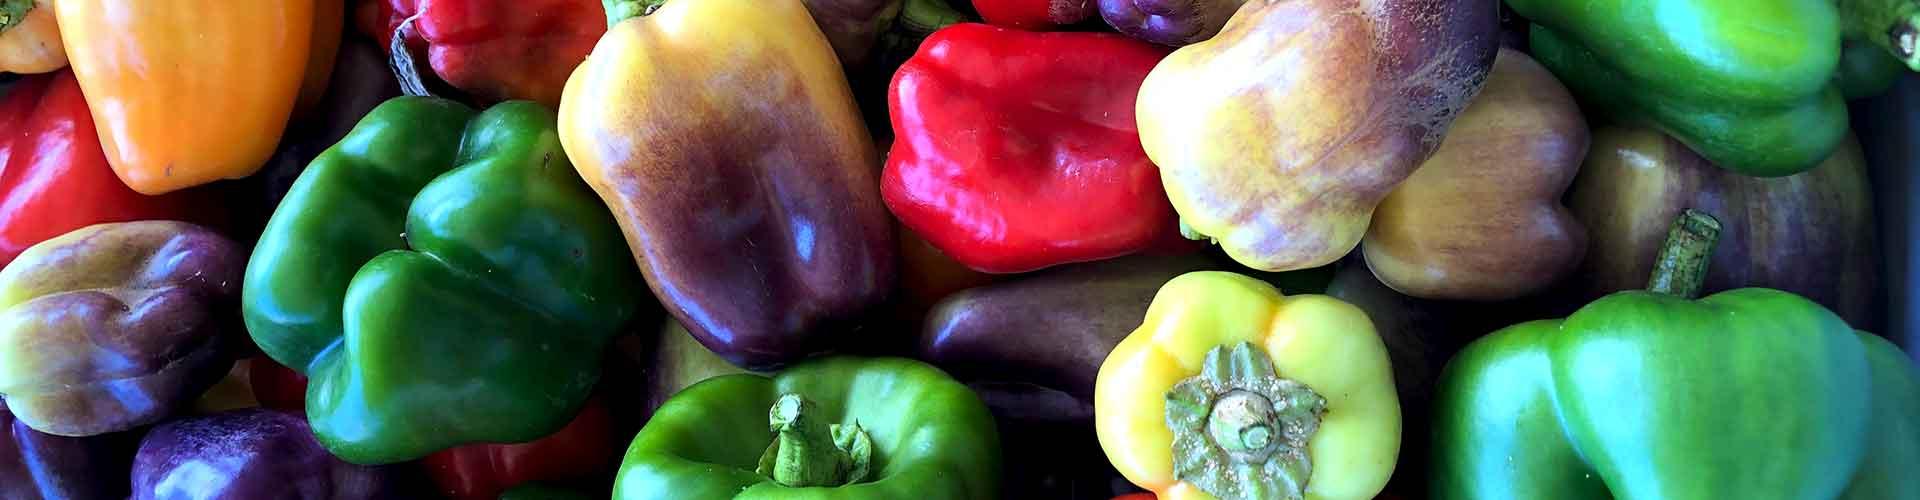 Harvested-bell-pepper-varieties-in-bucket1920